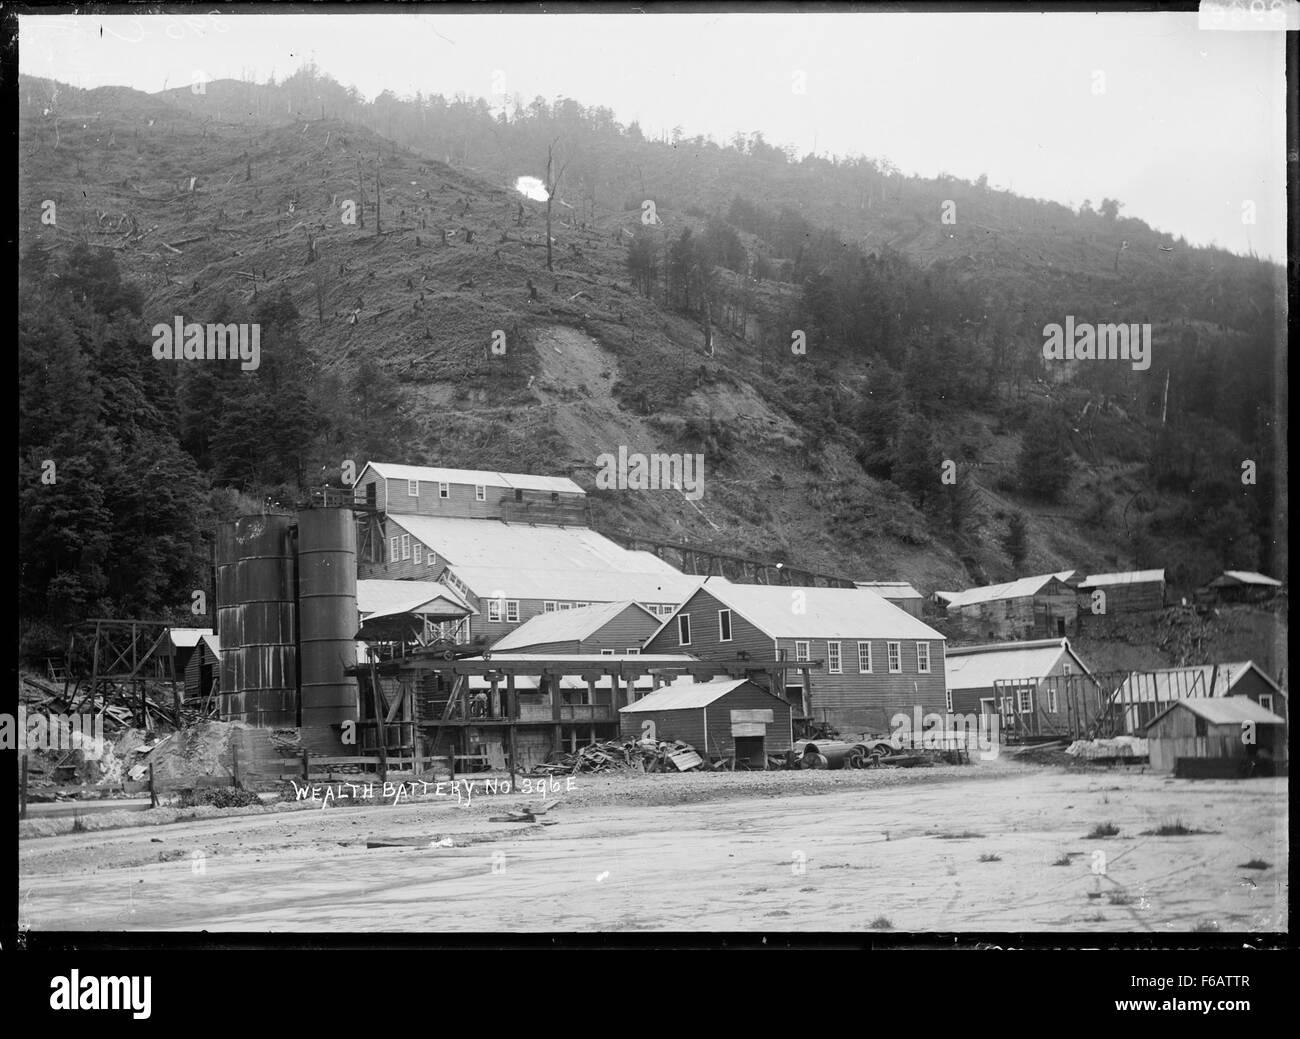 La vista de la riqueza, el condado Inangahua batería Foto de stock